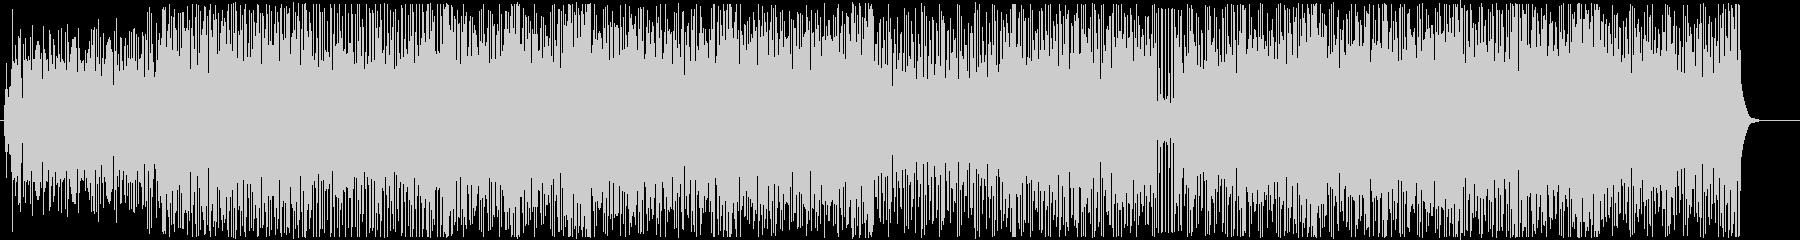 ポップパーティーチューン-カートゥーンの未再生の波形